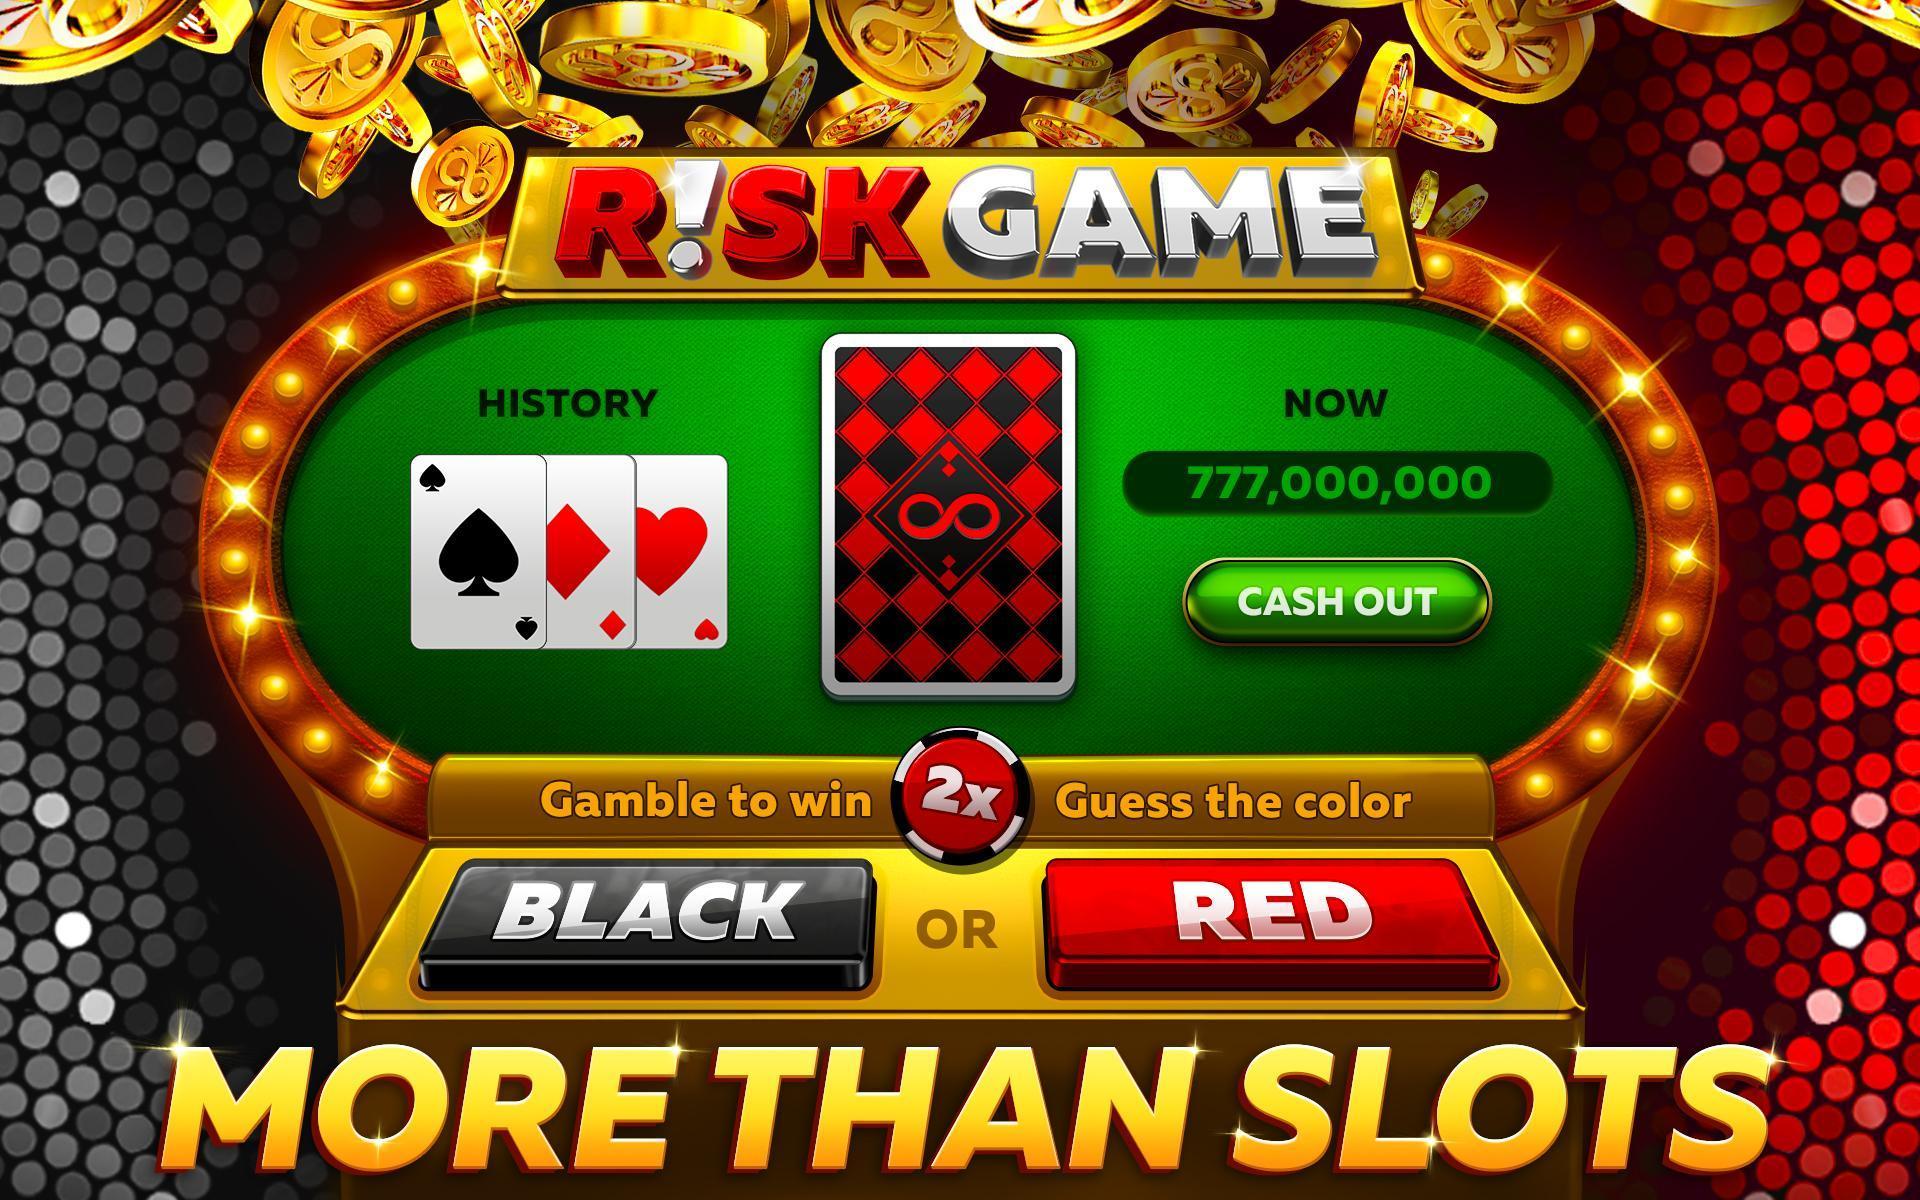 Инфинити казино игровые аппараты скачать покер стар игра онлайн